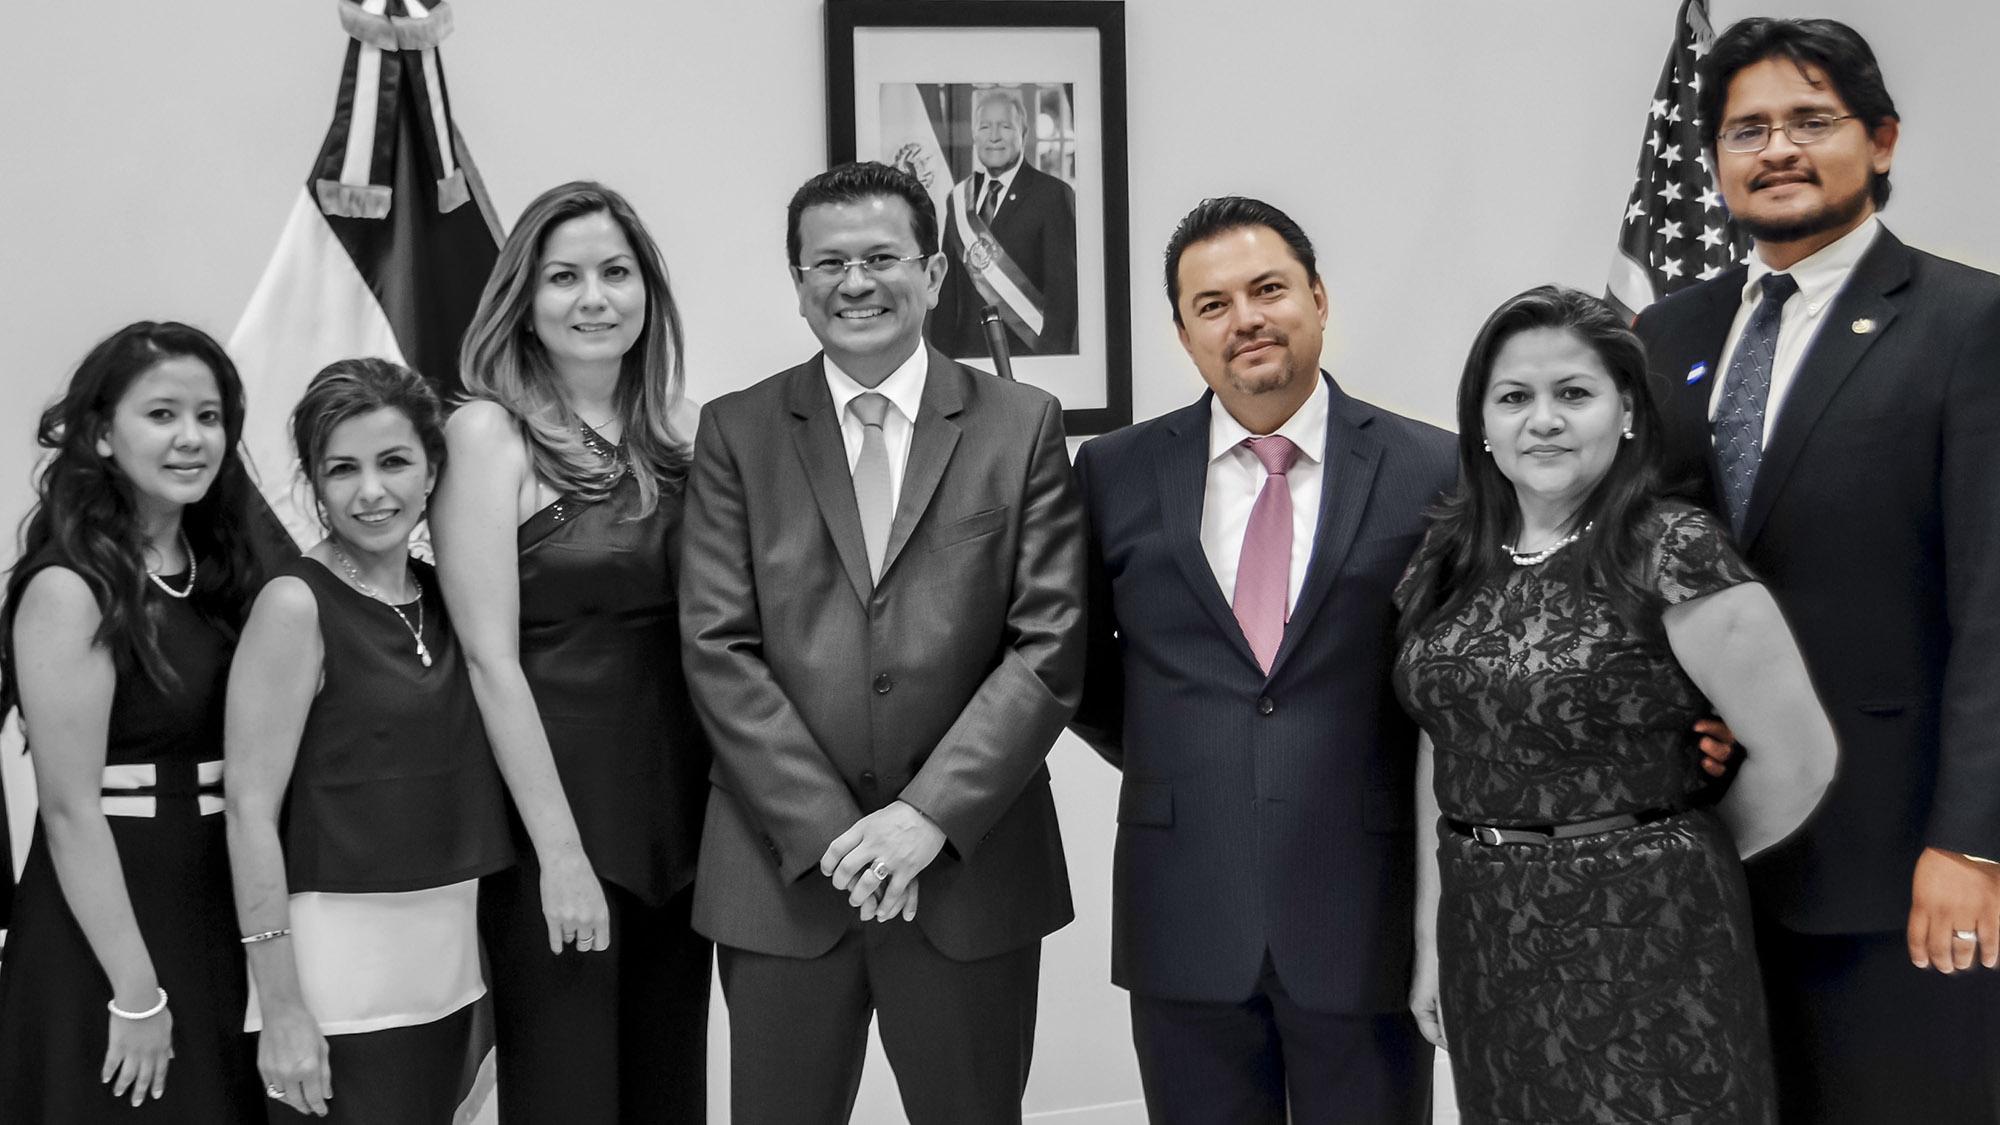 El consulado salvadoreño en Miami: El negocio de los hermanos Claros Amaya